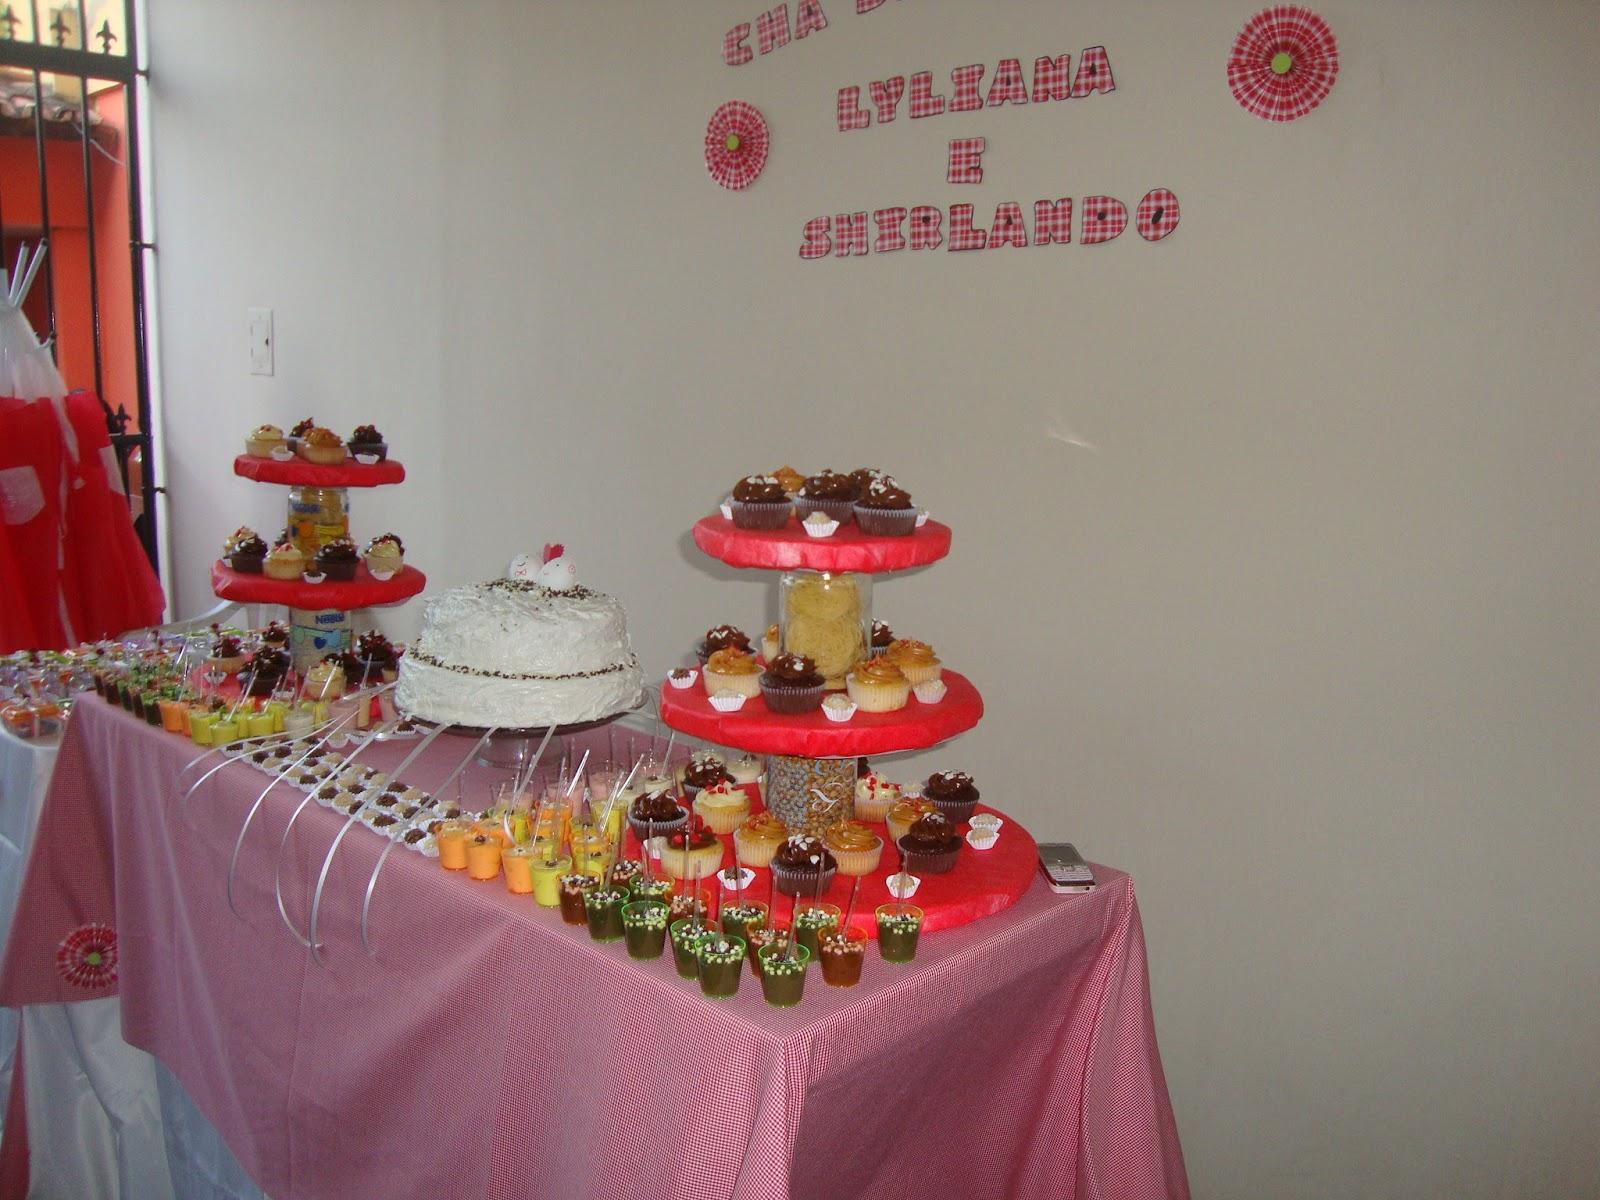 Idéias: Idéias de decoração e lanchinhos para Chá de Cozinha #A72427 1600 1200